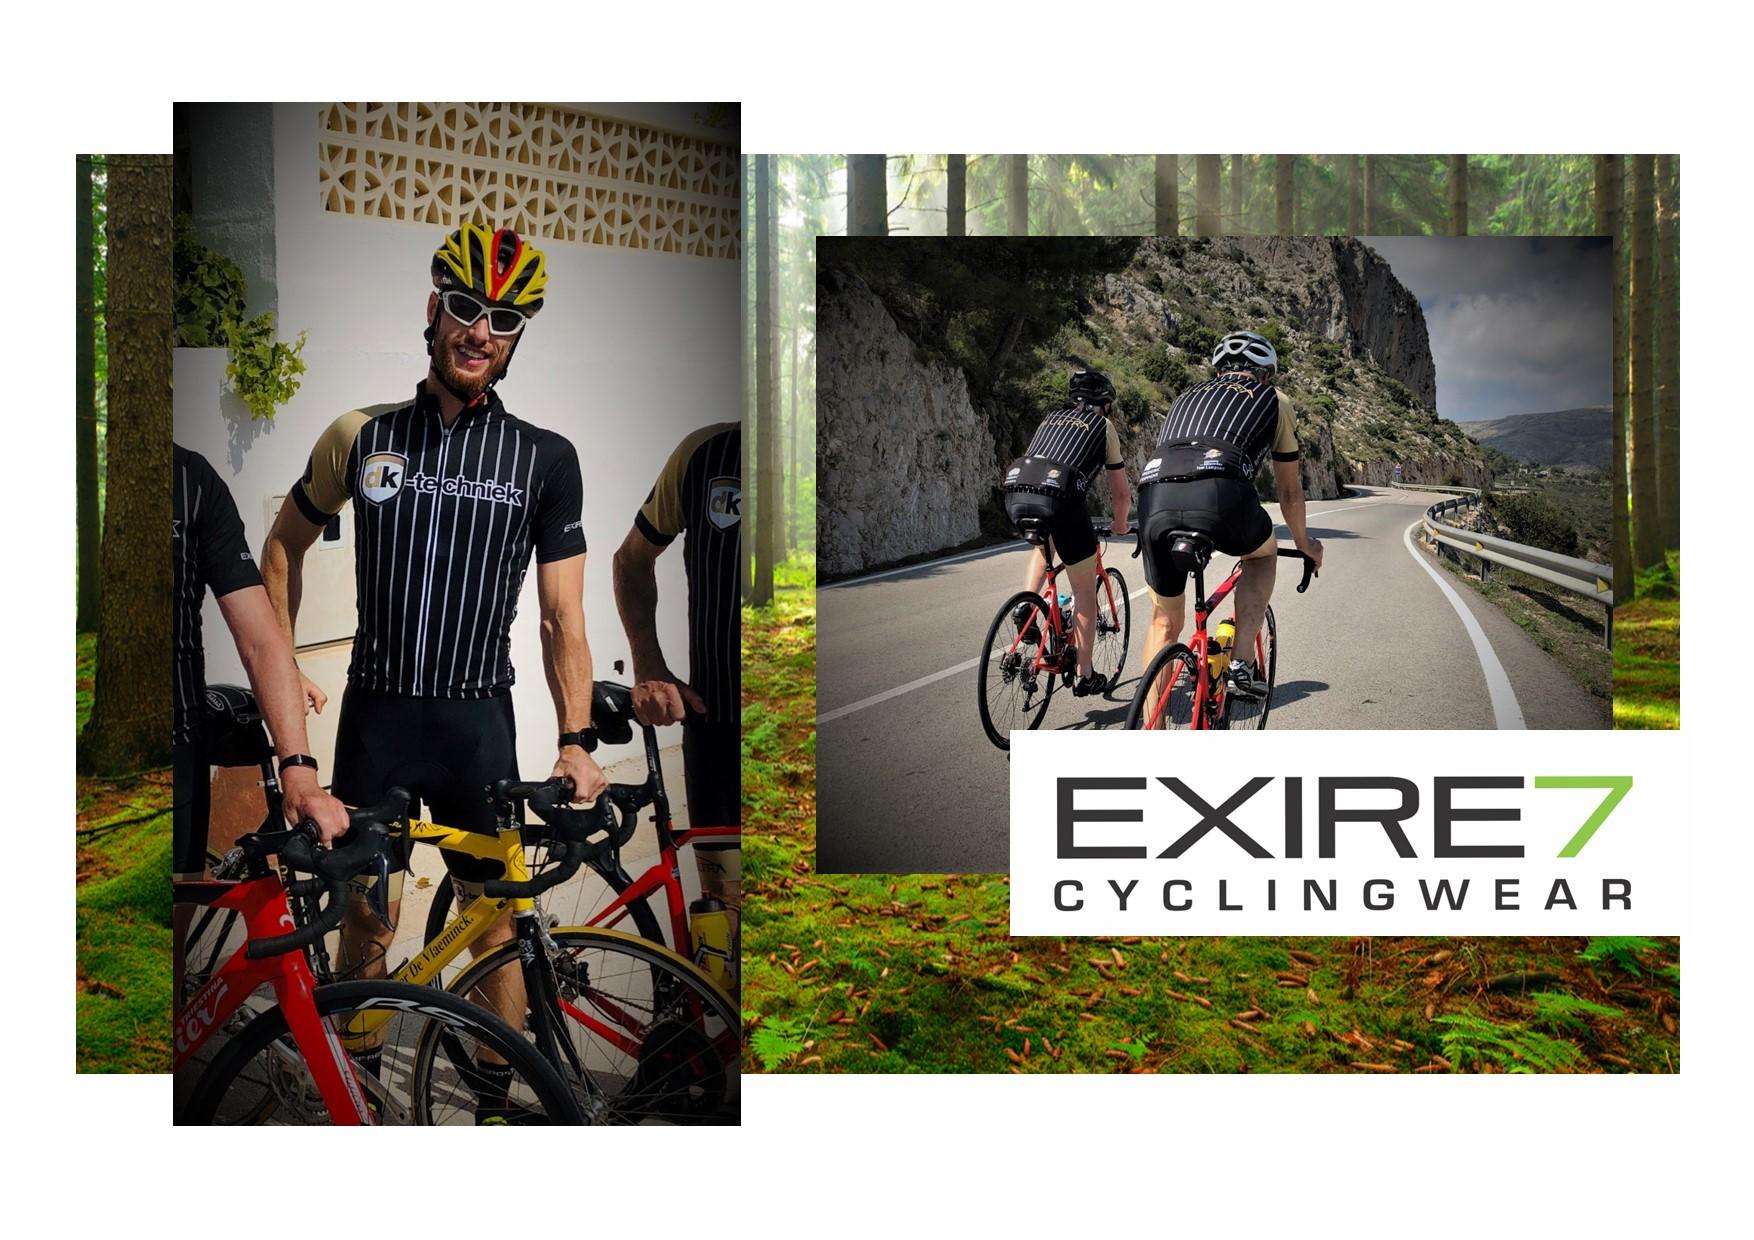 EXIRE7 - cyclingwear - Timmy Claeys